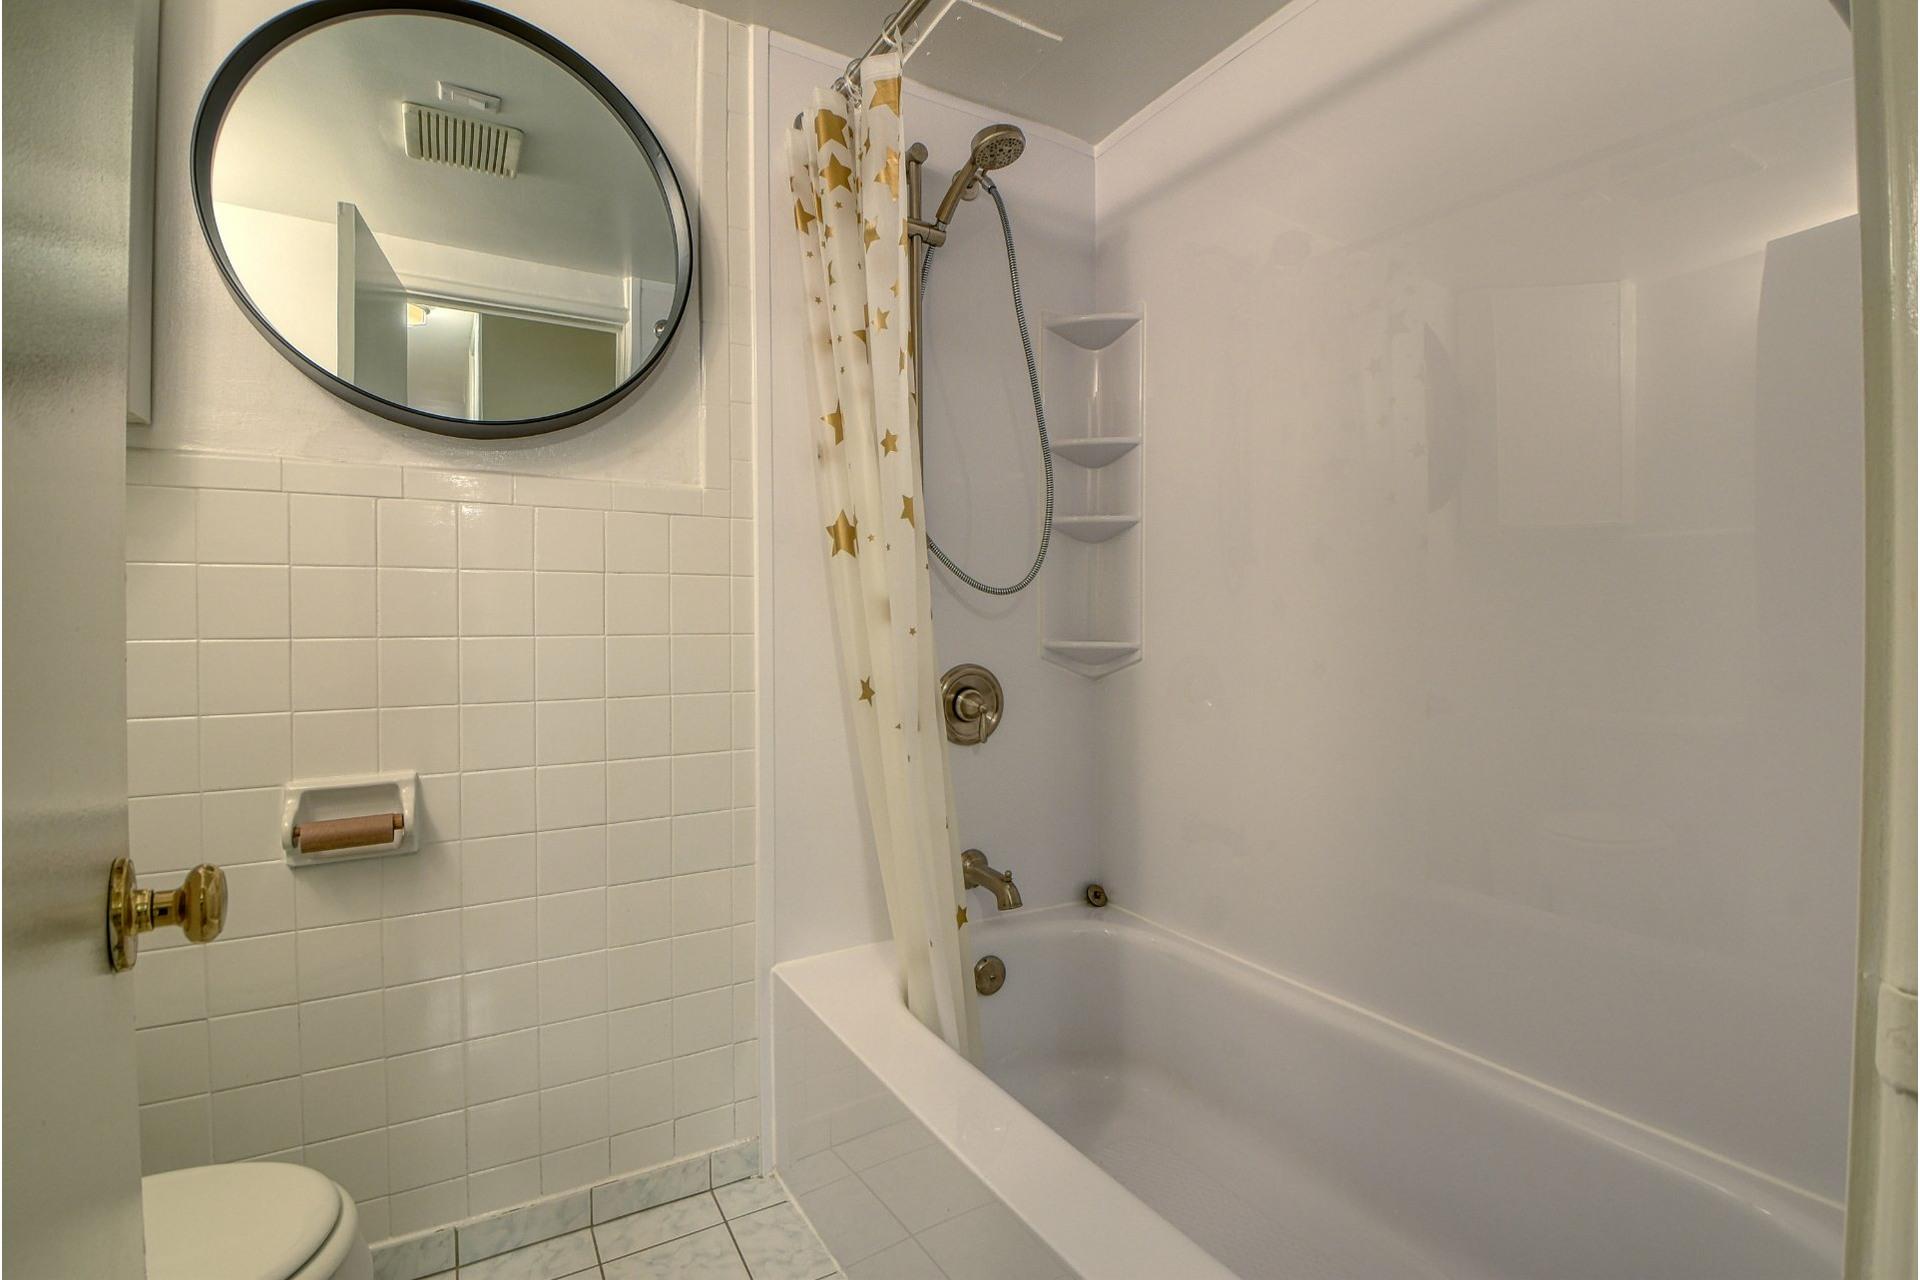 image 11 - Apartment For rent Ville-Marie Montréal  - 6 rooms